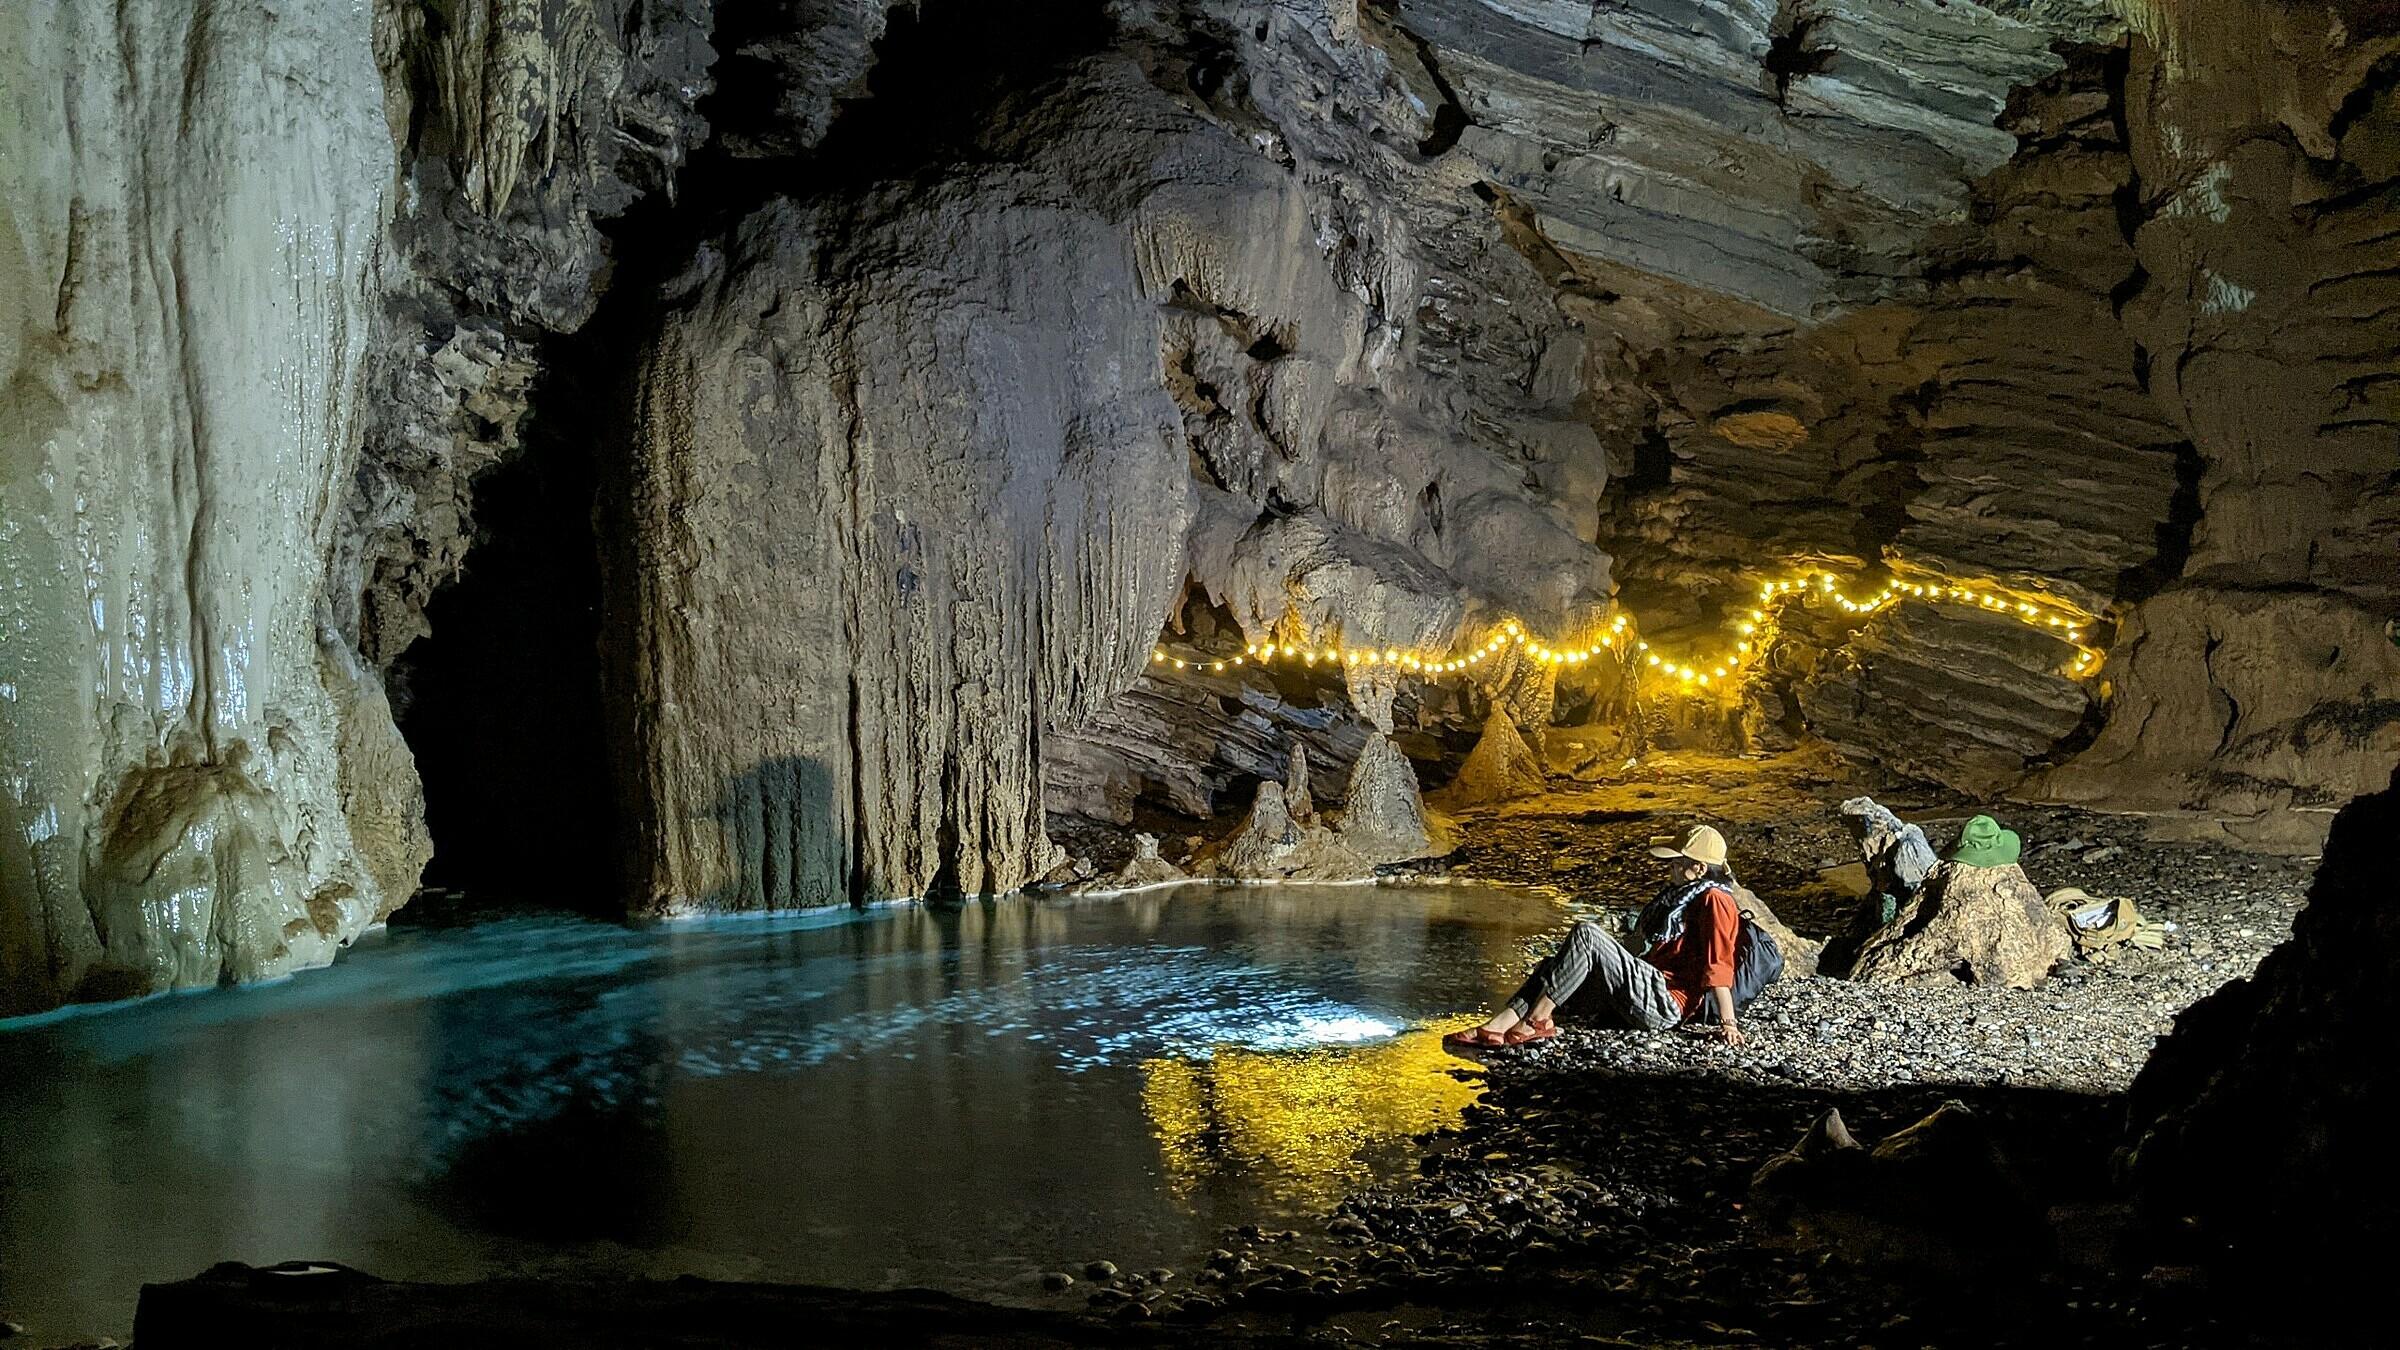 Bên trong hang Thủng có nhiều vũng nước lớn, bao quanh là các khối nhũ đá khổng lồ.